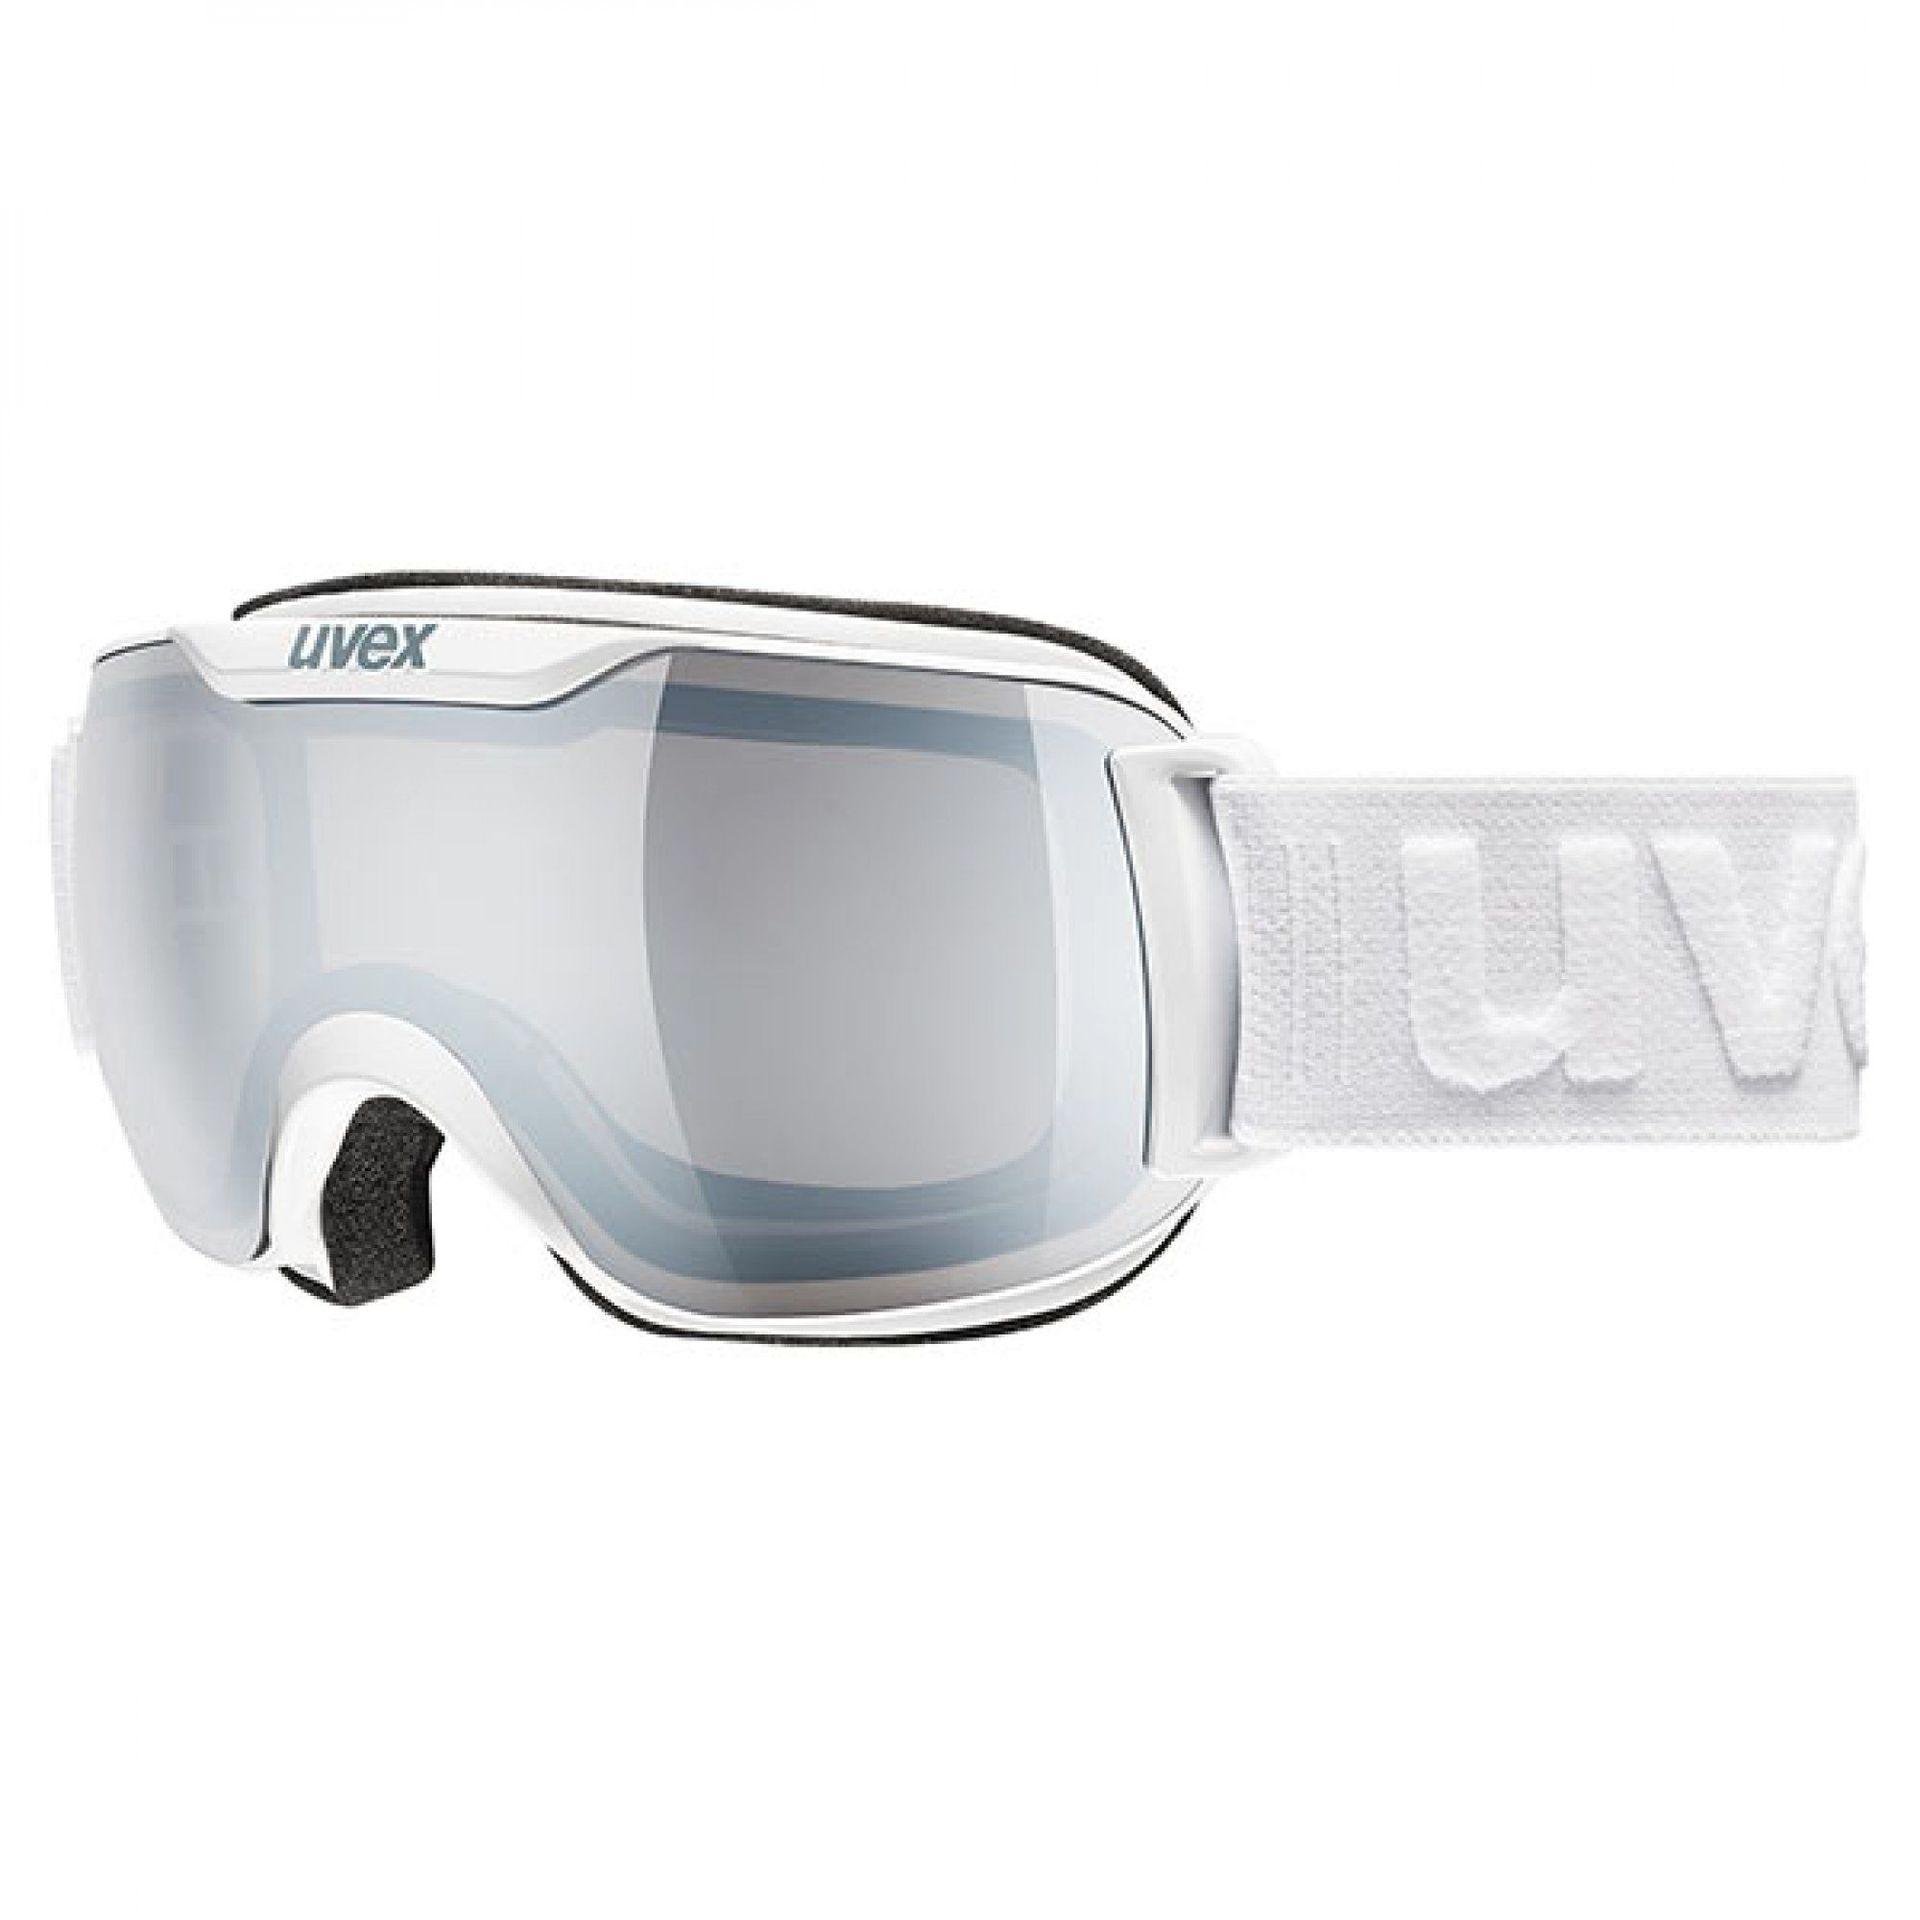 GOGLE UVEX DOWNHILL 2000 S LM WHITE LITEMIRROR SILVER 55 0 438 1026